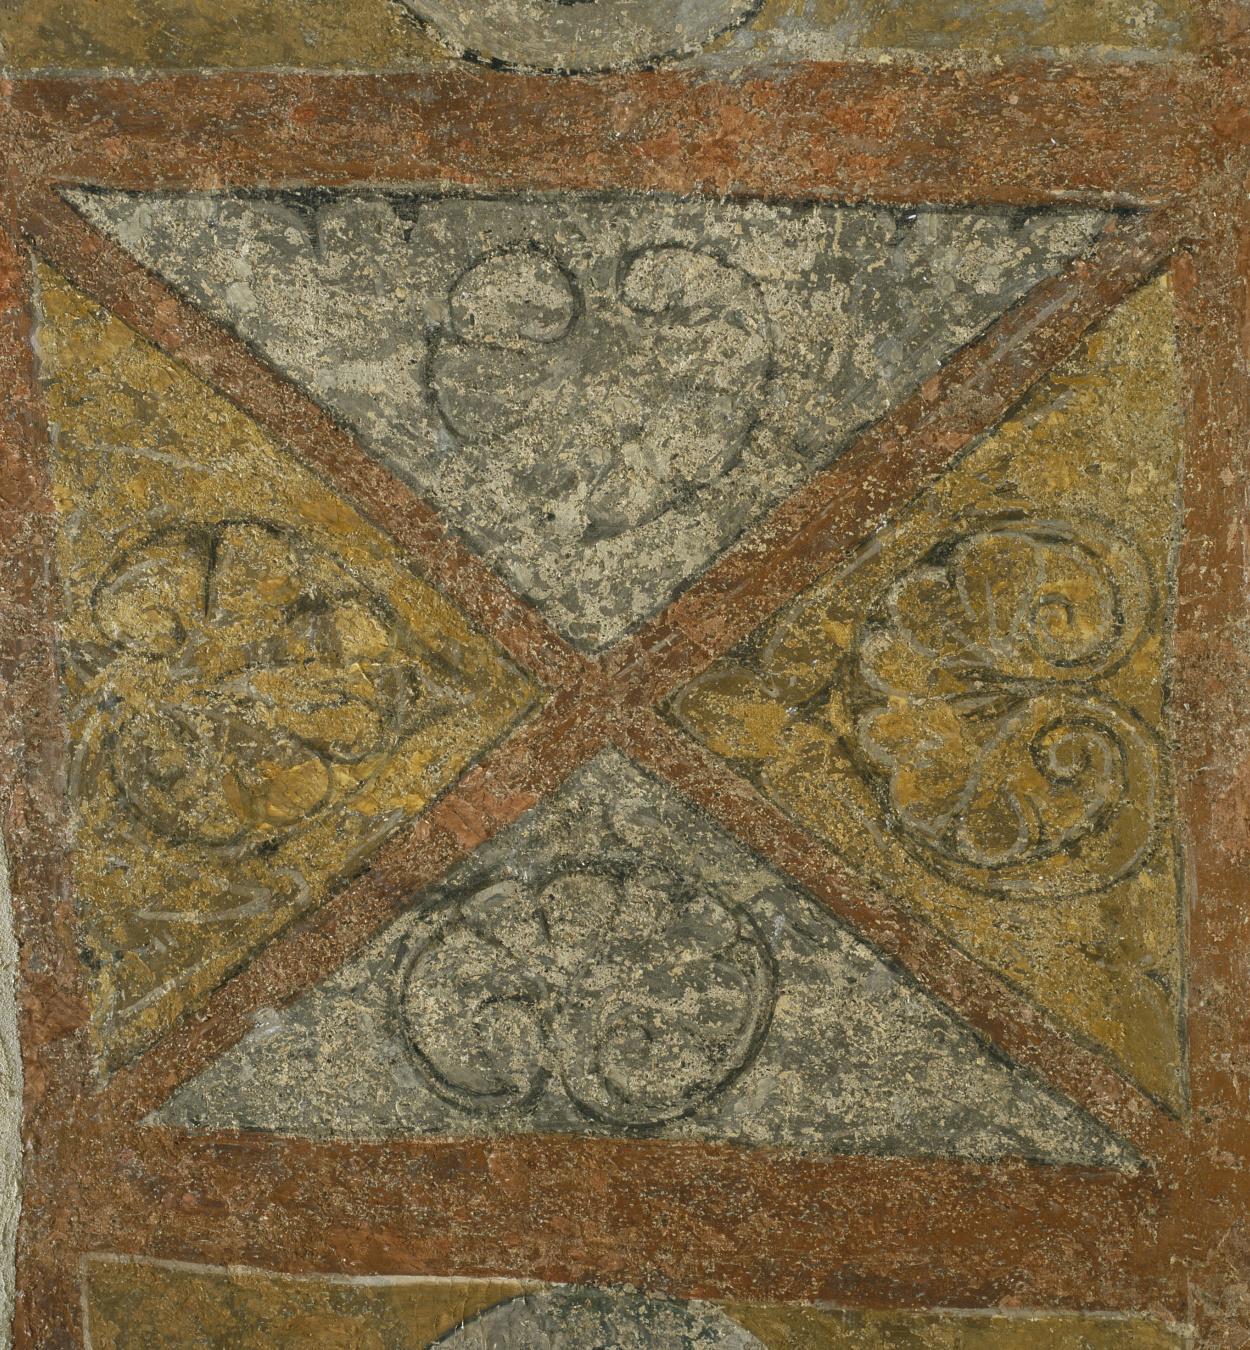 Tercer Mestre de Sorpe - Sant Pastor i el símbol zodiacal de Càncer de Sorpe - Mitjan segle XII [3]